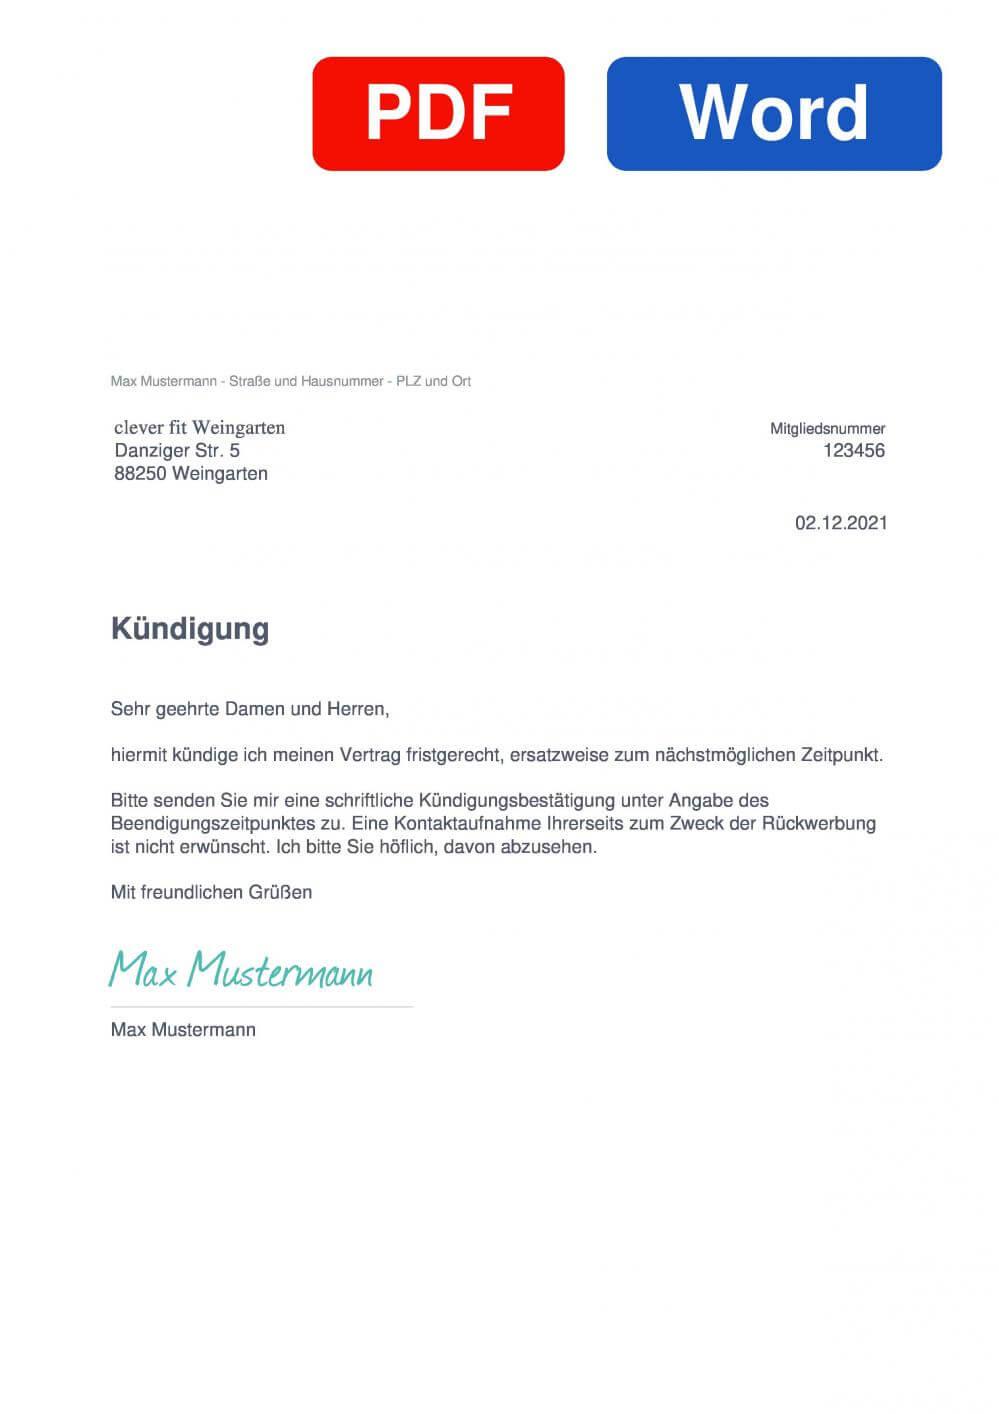 Clever Fit Weingarten Muster Vorlage für Kündigungsschreiben